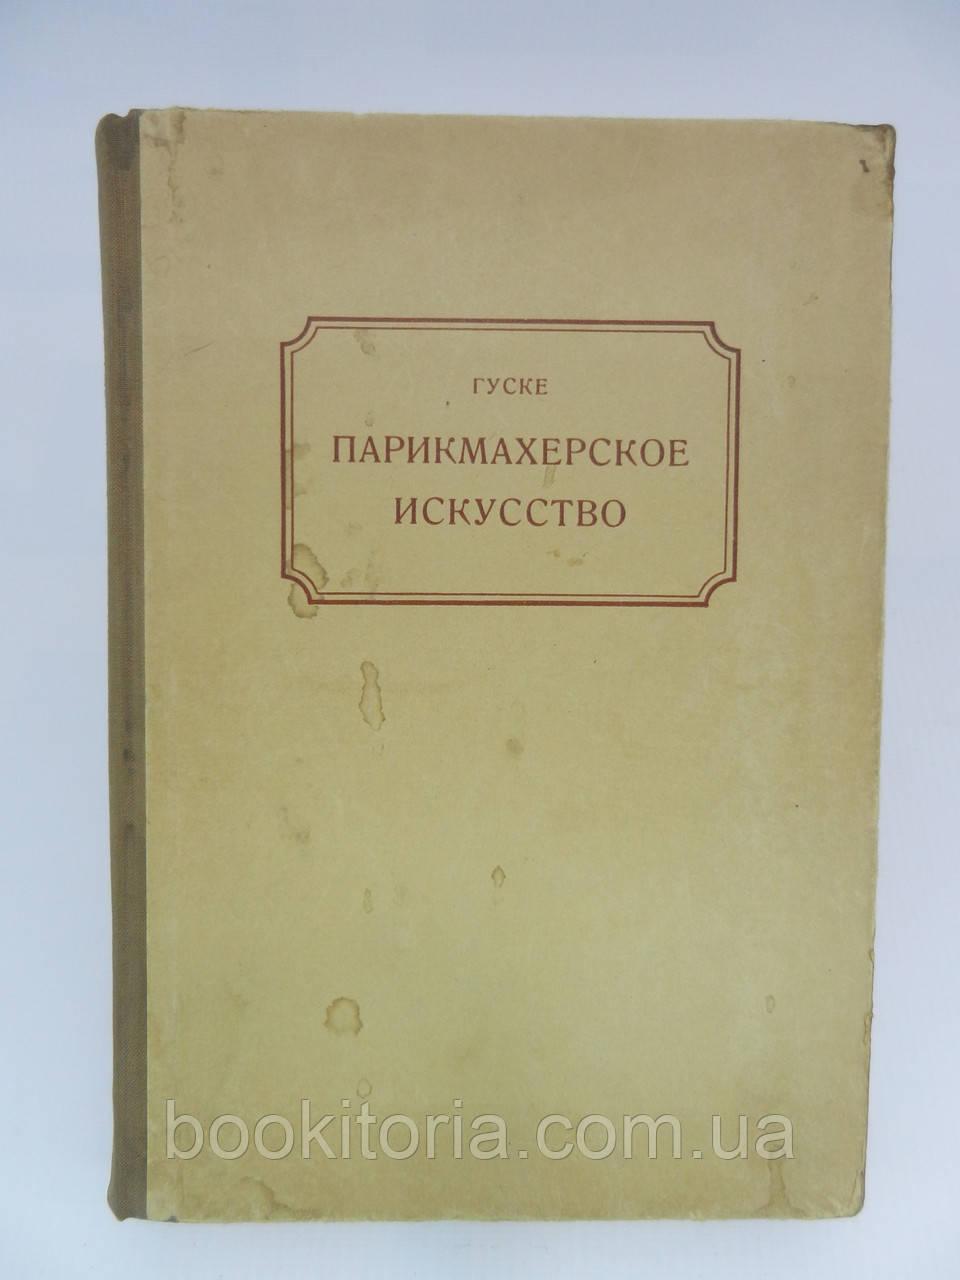 Гуске Ф. Парикмахерское искусство (б/у).